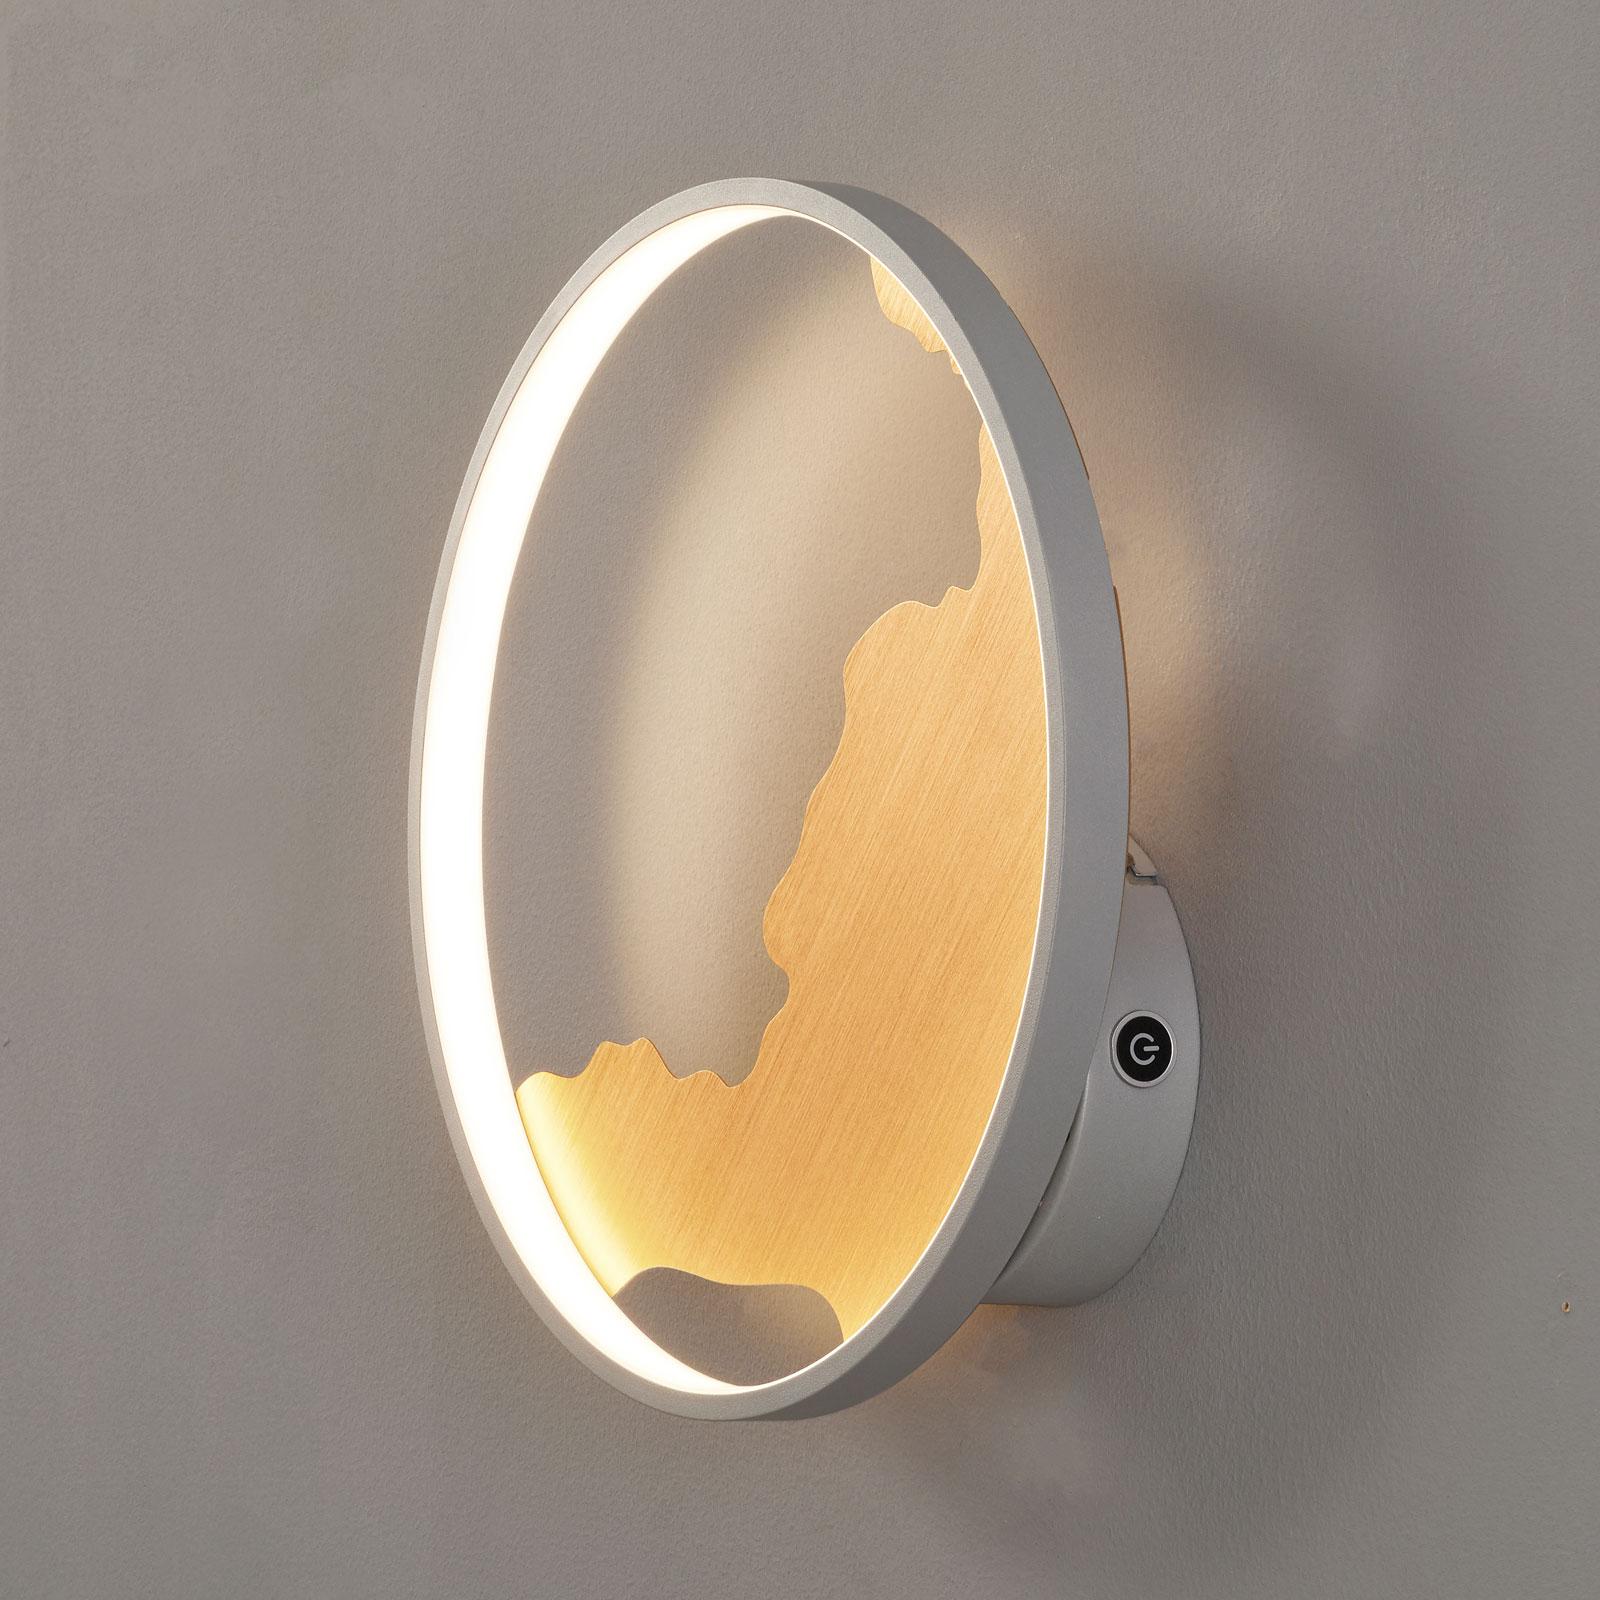 Lampa sufitowa LED Modesto ze złotym dekorem